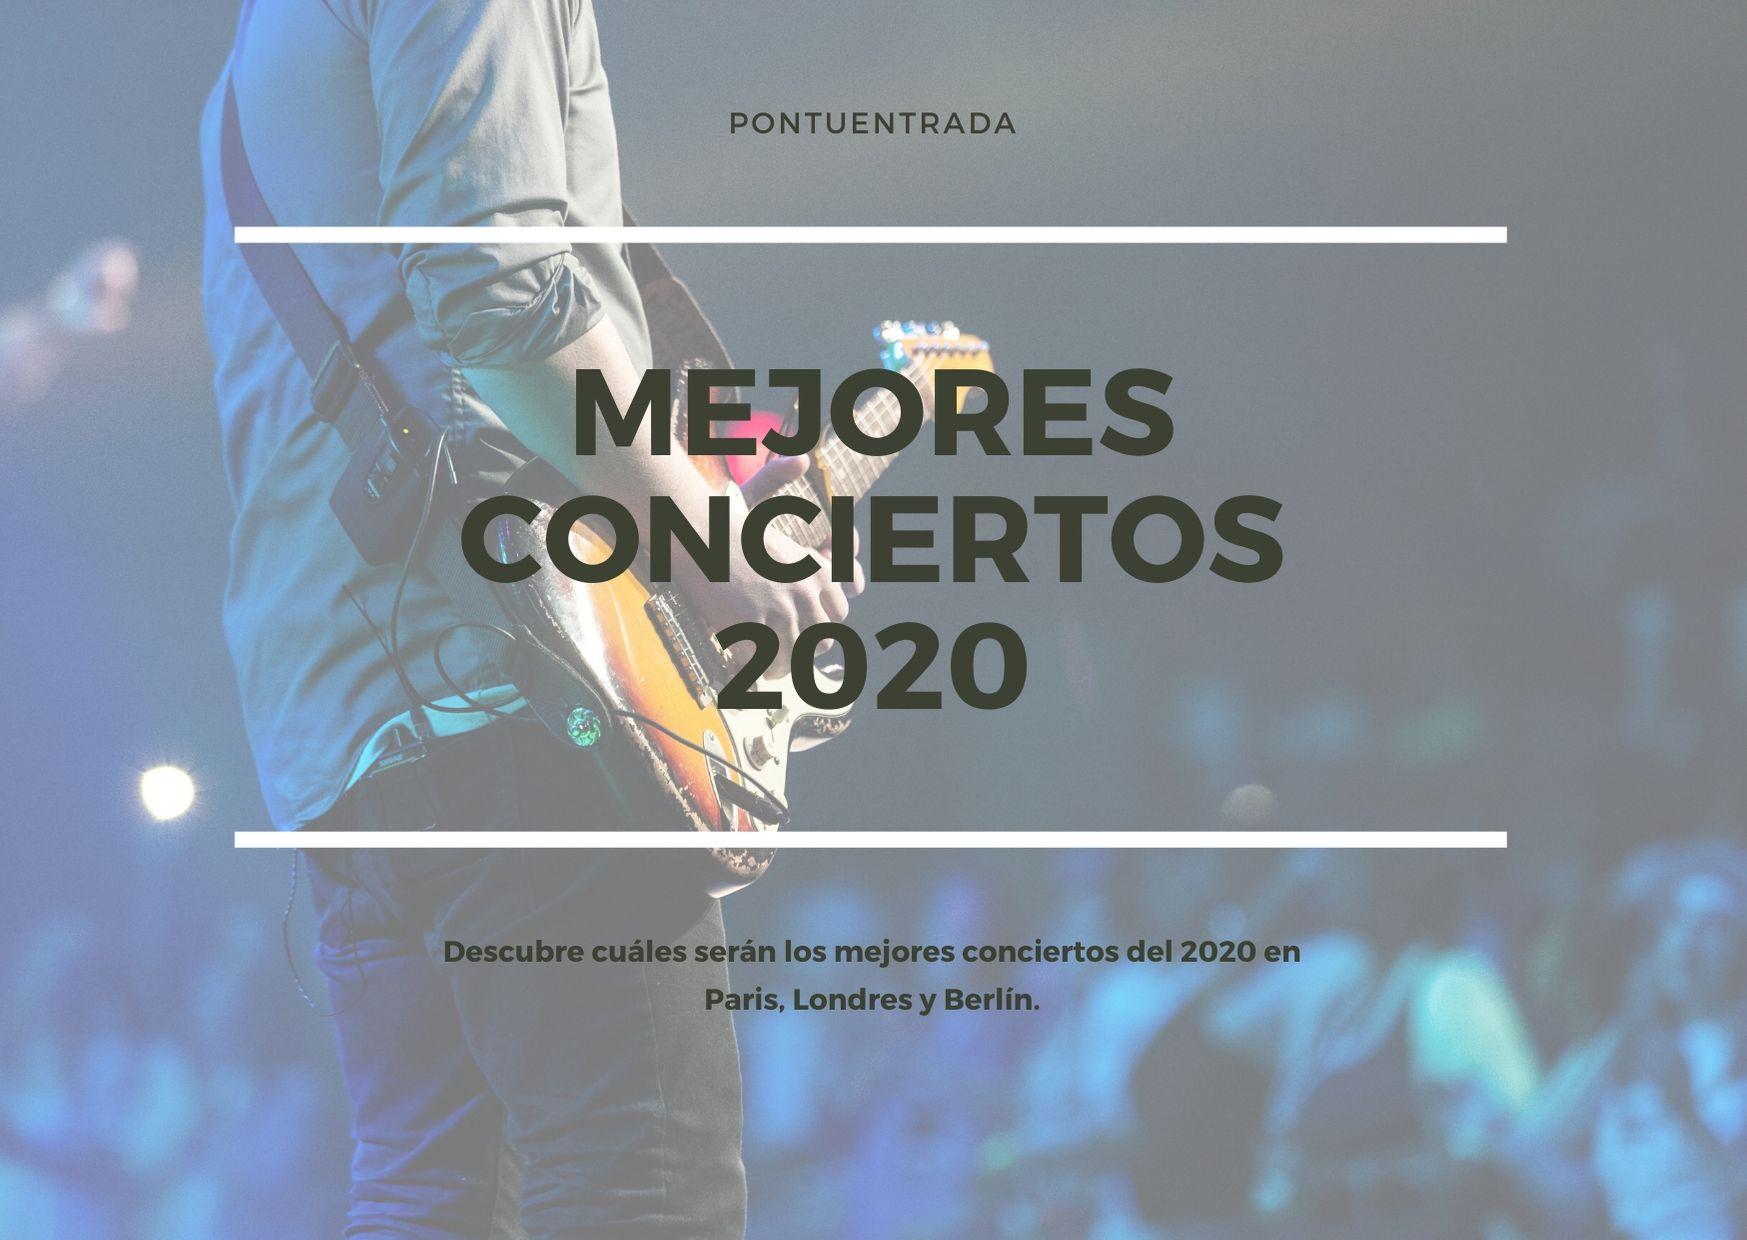 Mejores conciertos 2020